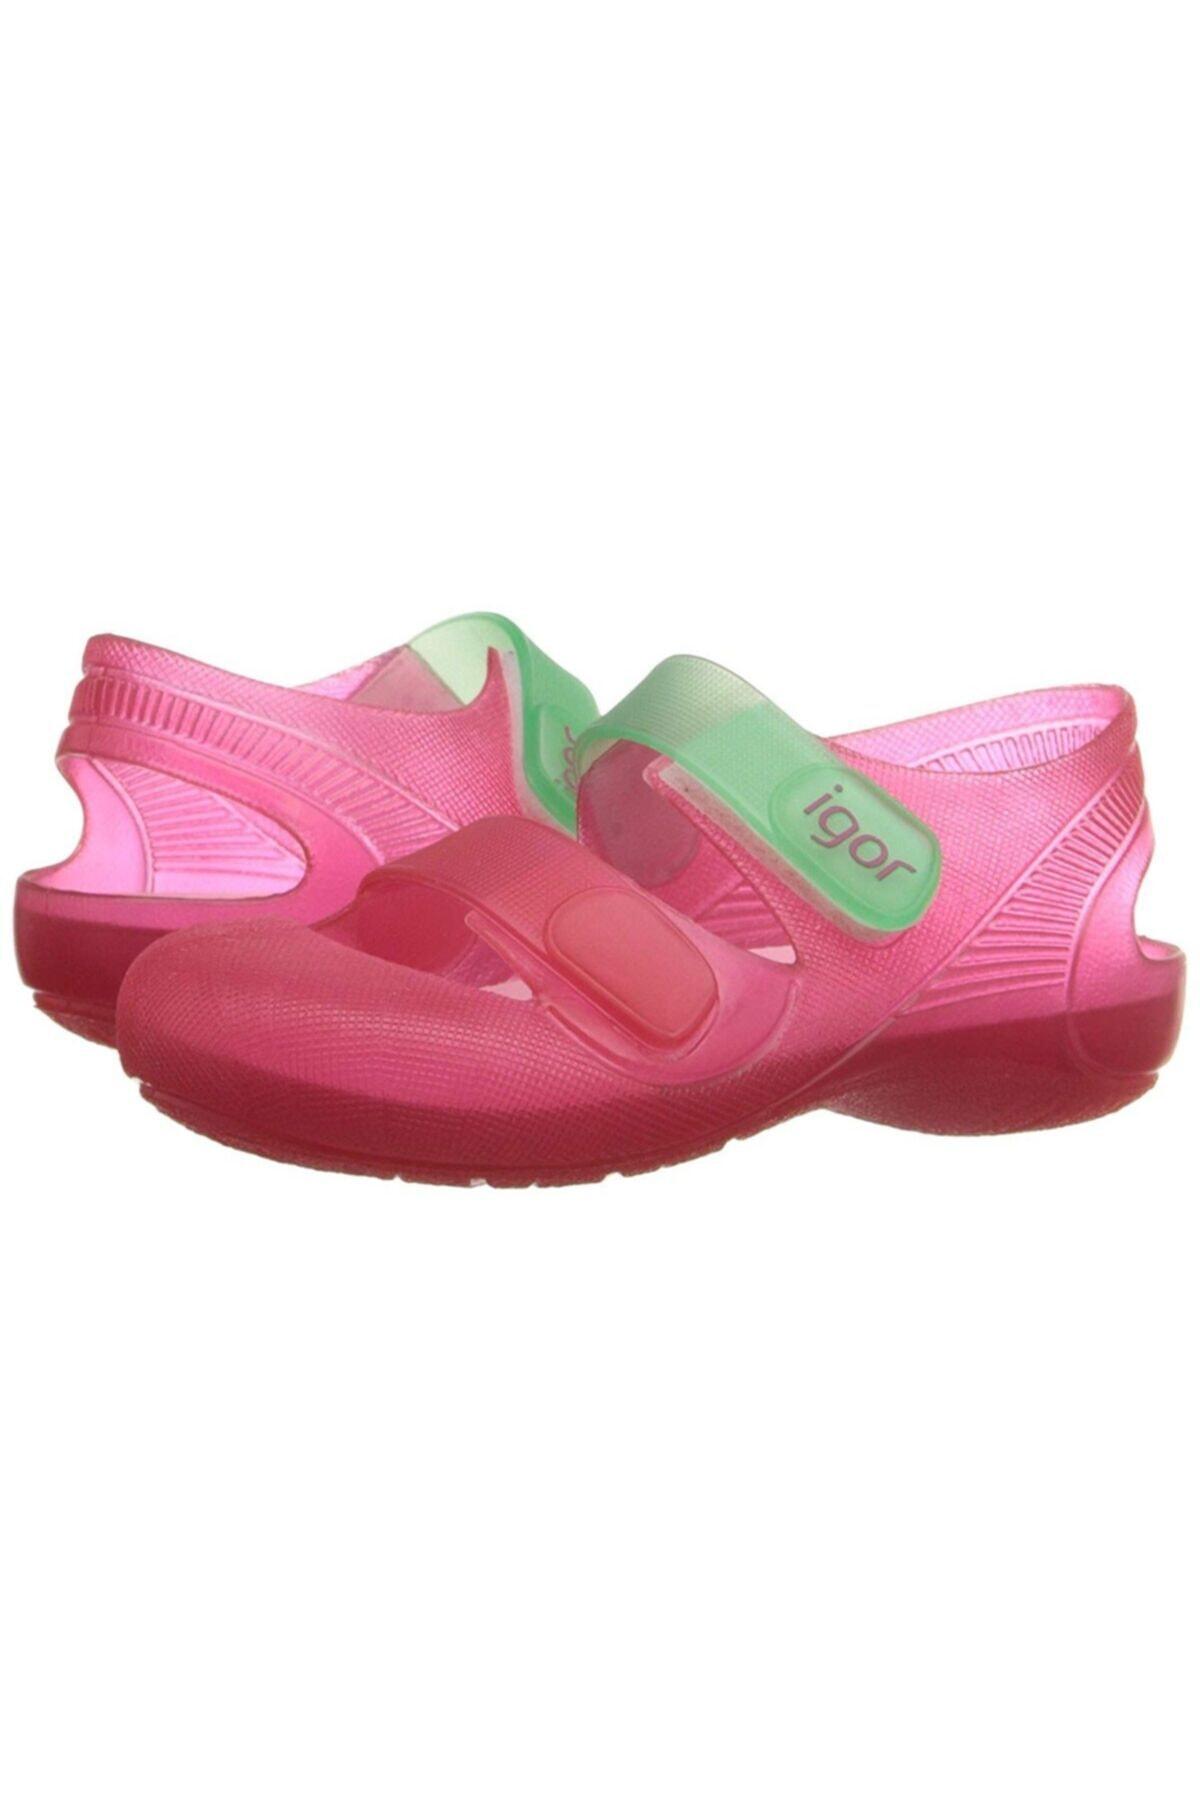 IGOR Kız Çocuk Pembe Deniz Ayakkabısı S10146-046 2